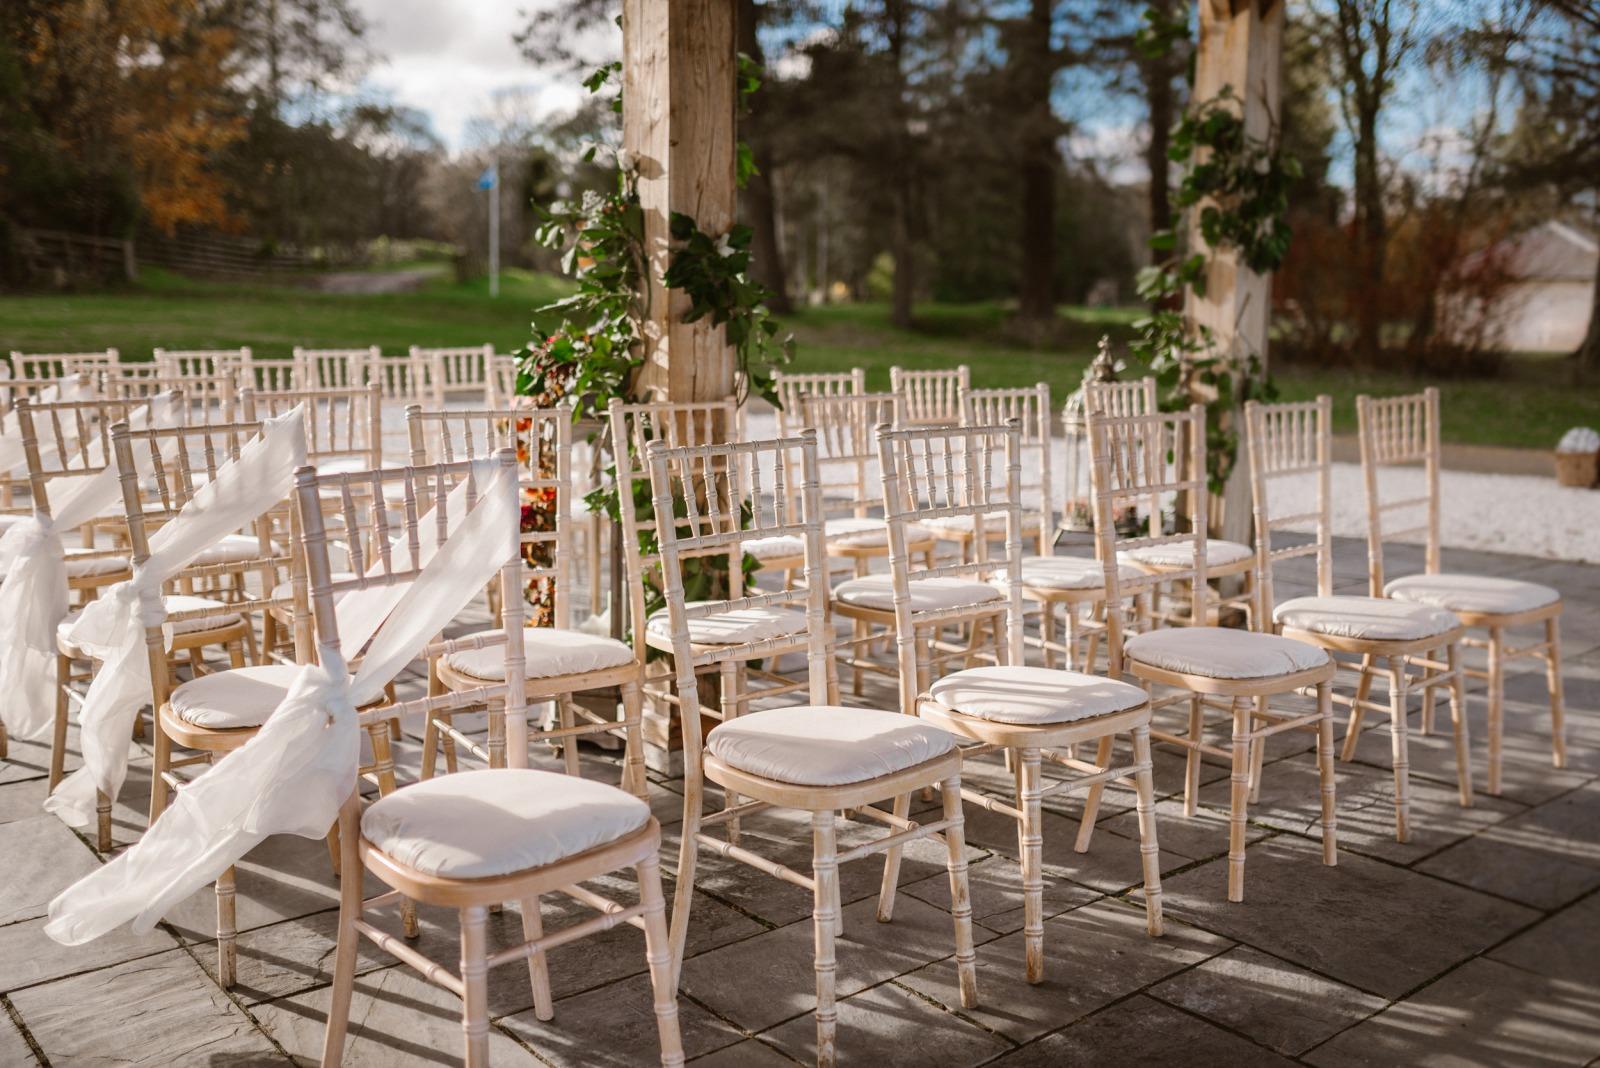 highward-house-wedding-15-of-578